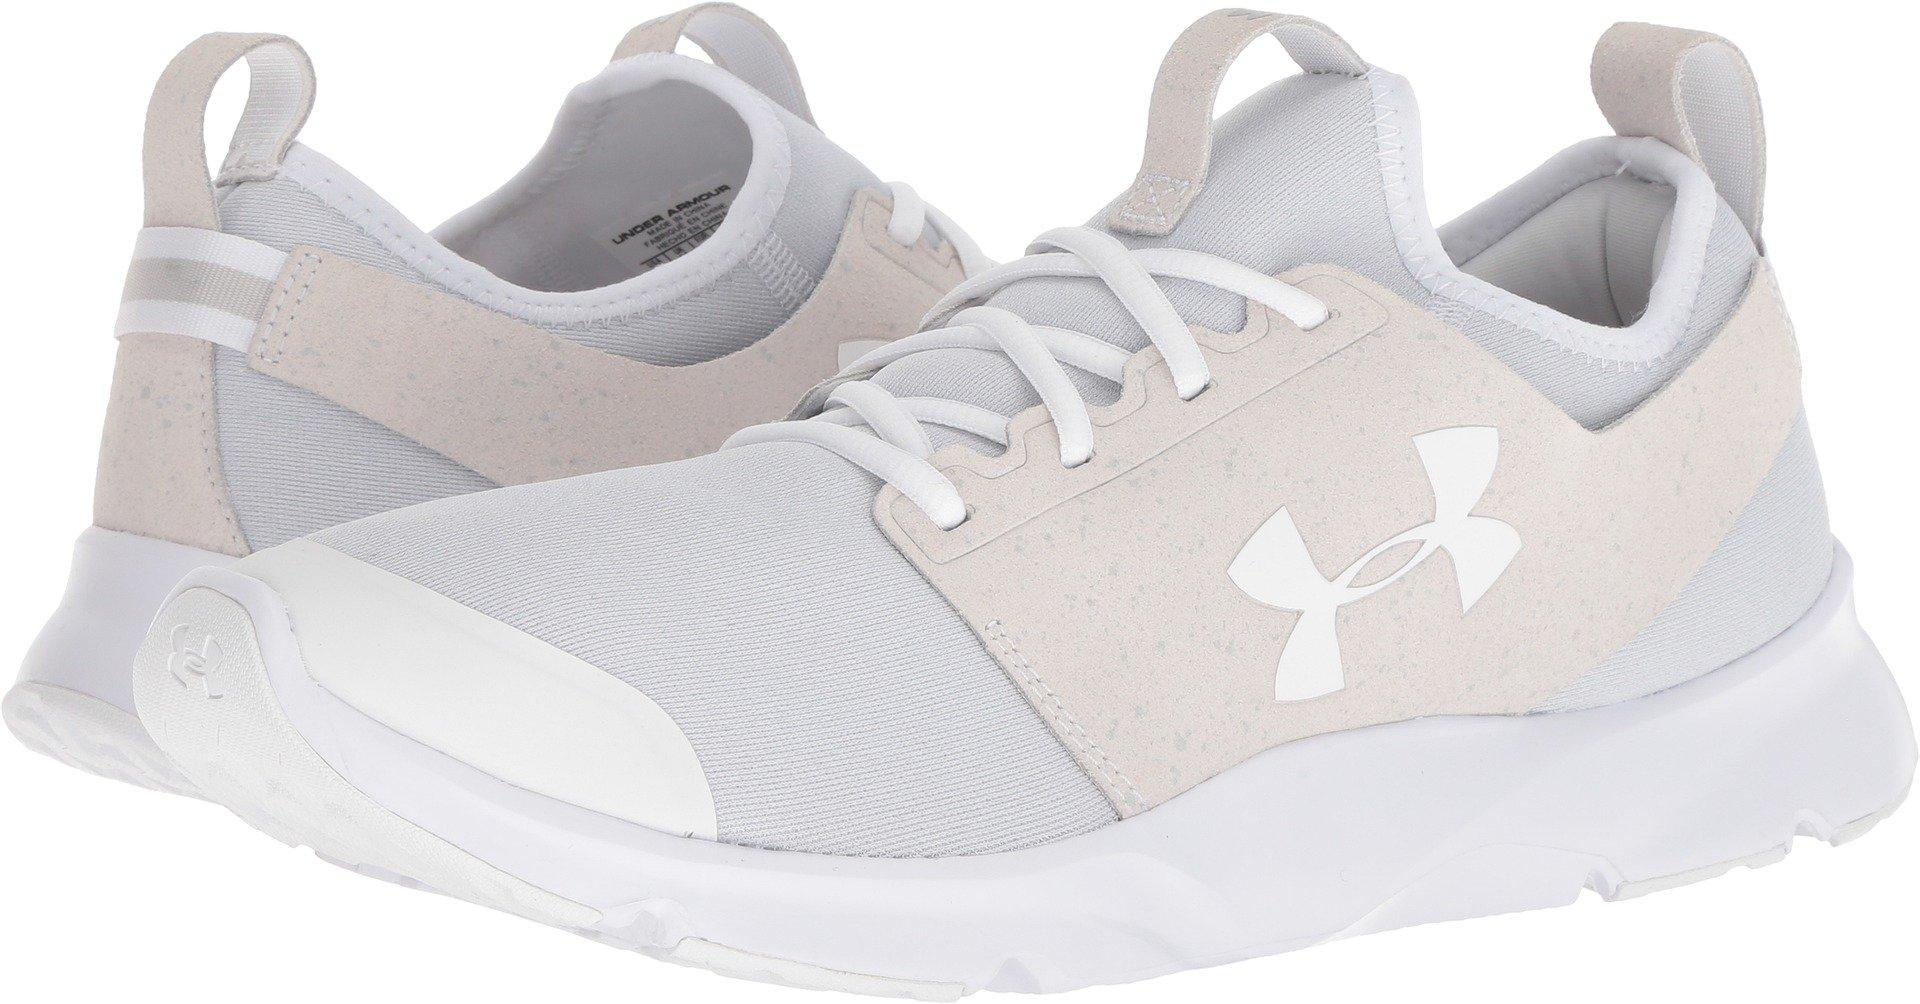 Under Armour Men's Drift RN Mineral Sneaker, White